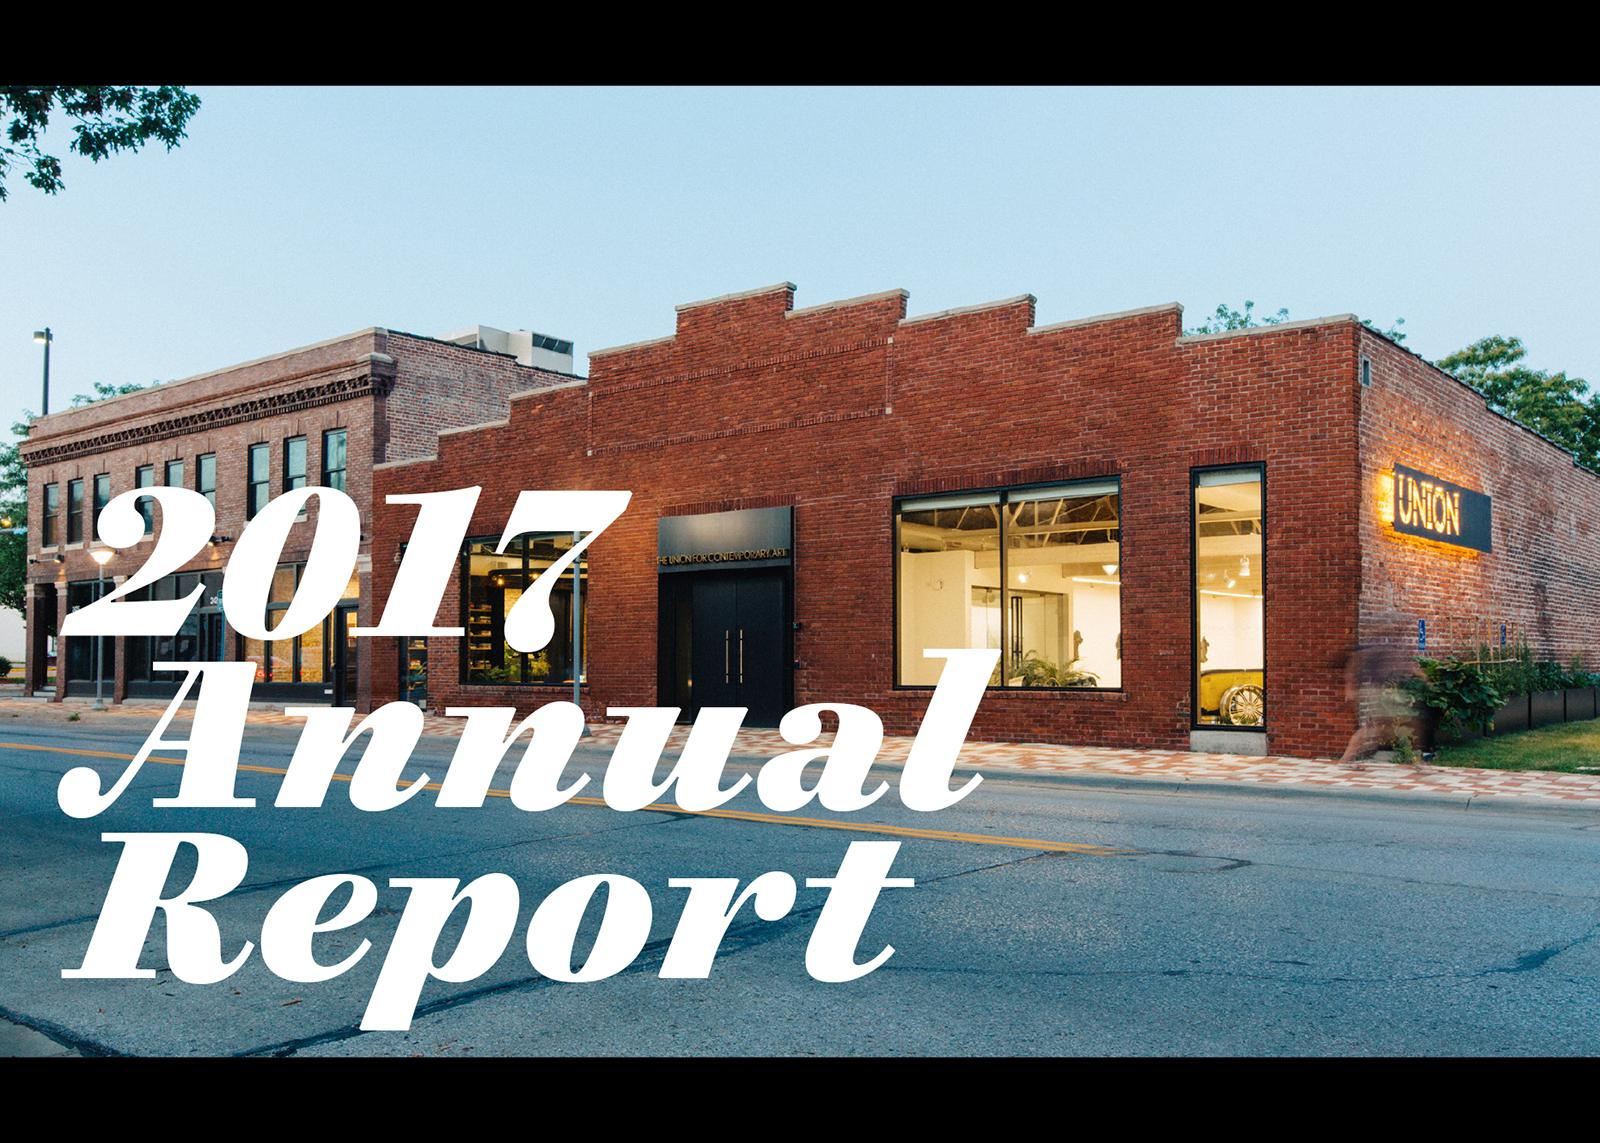 Union-annualreport-2017